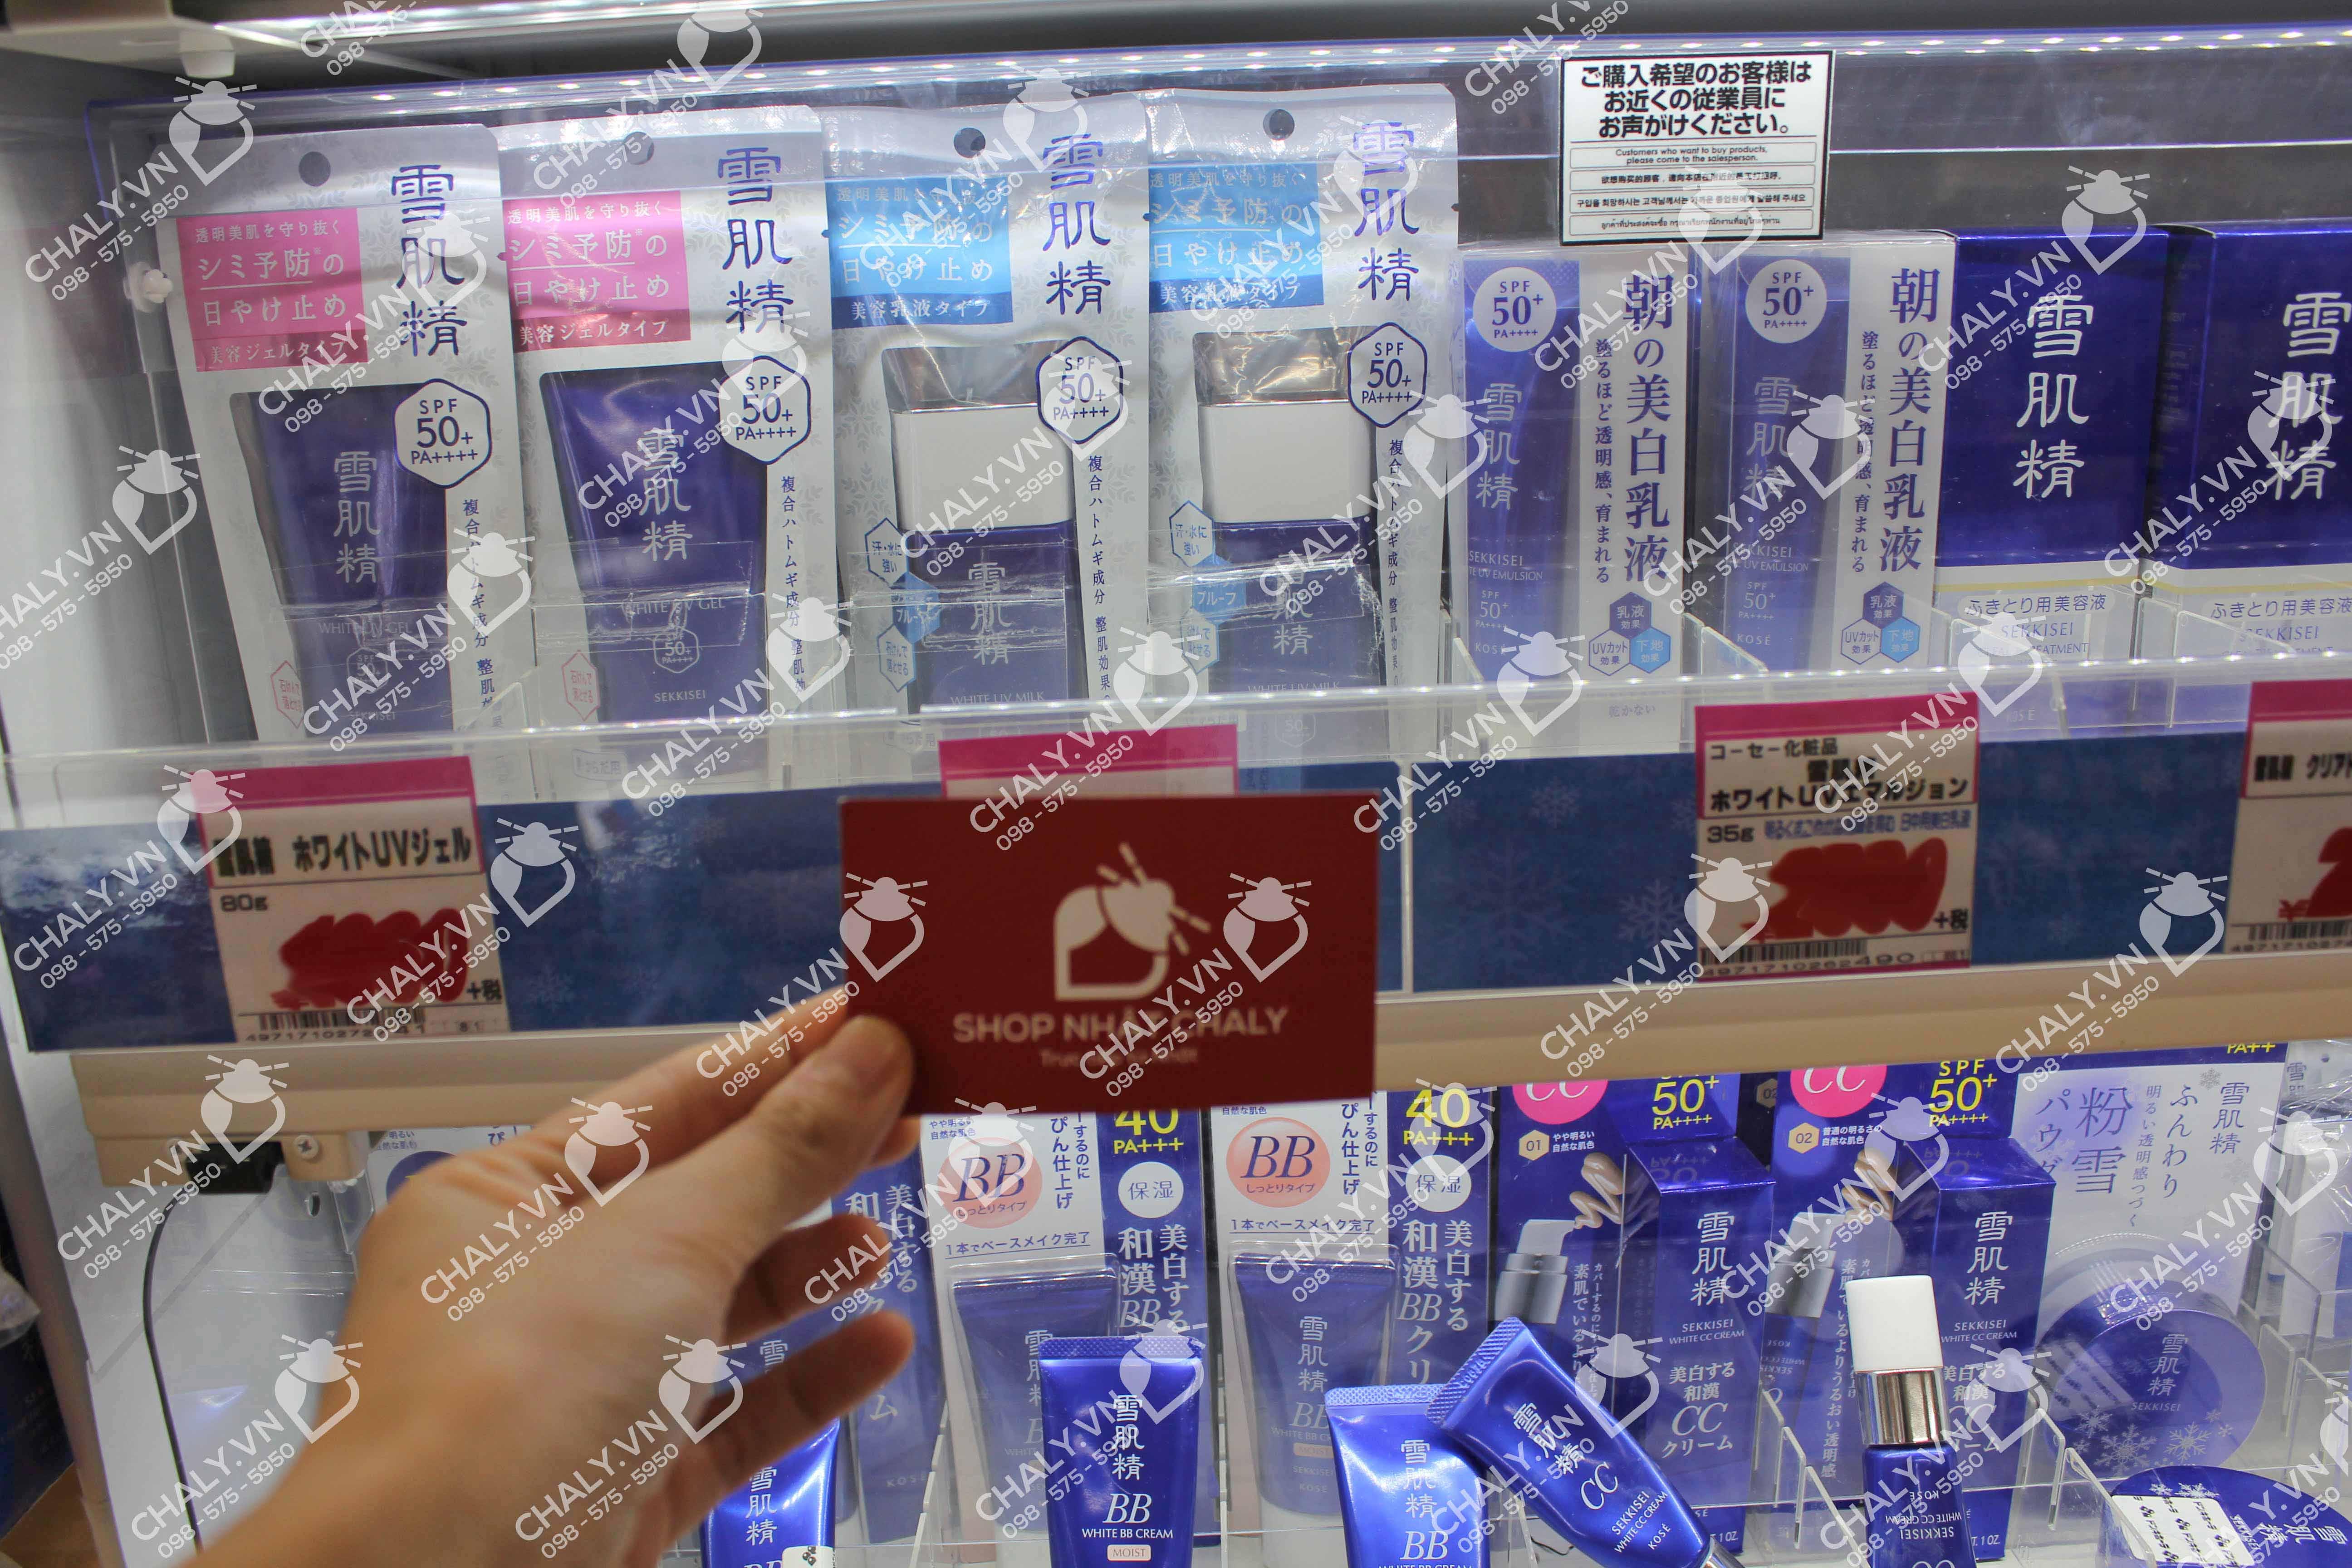 Mỗi tuýp kem chống nắng Kose milk 60g đều được Shop Nhật Chaly mua trực tiếp và gửi về, đảm bảo chính hãng